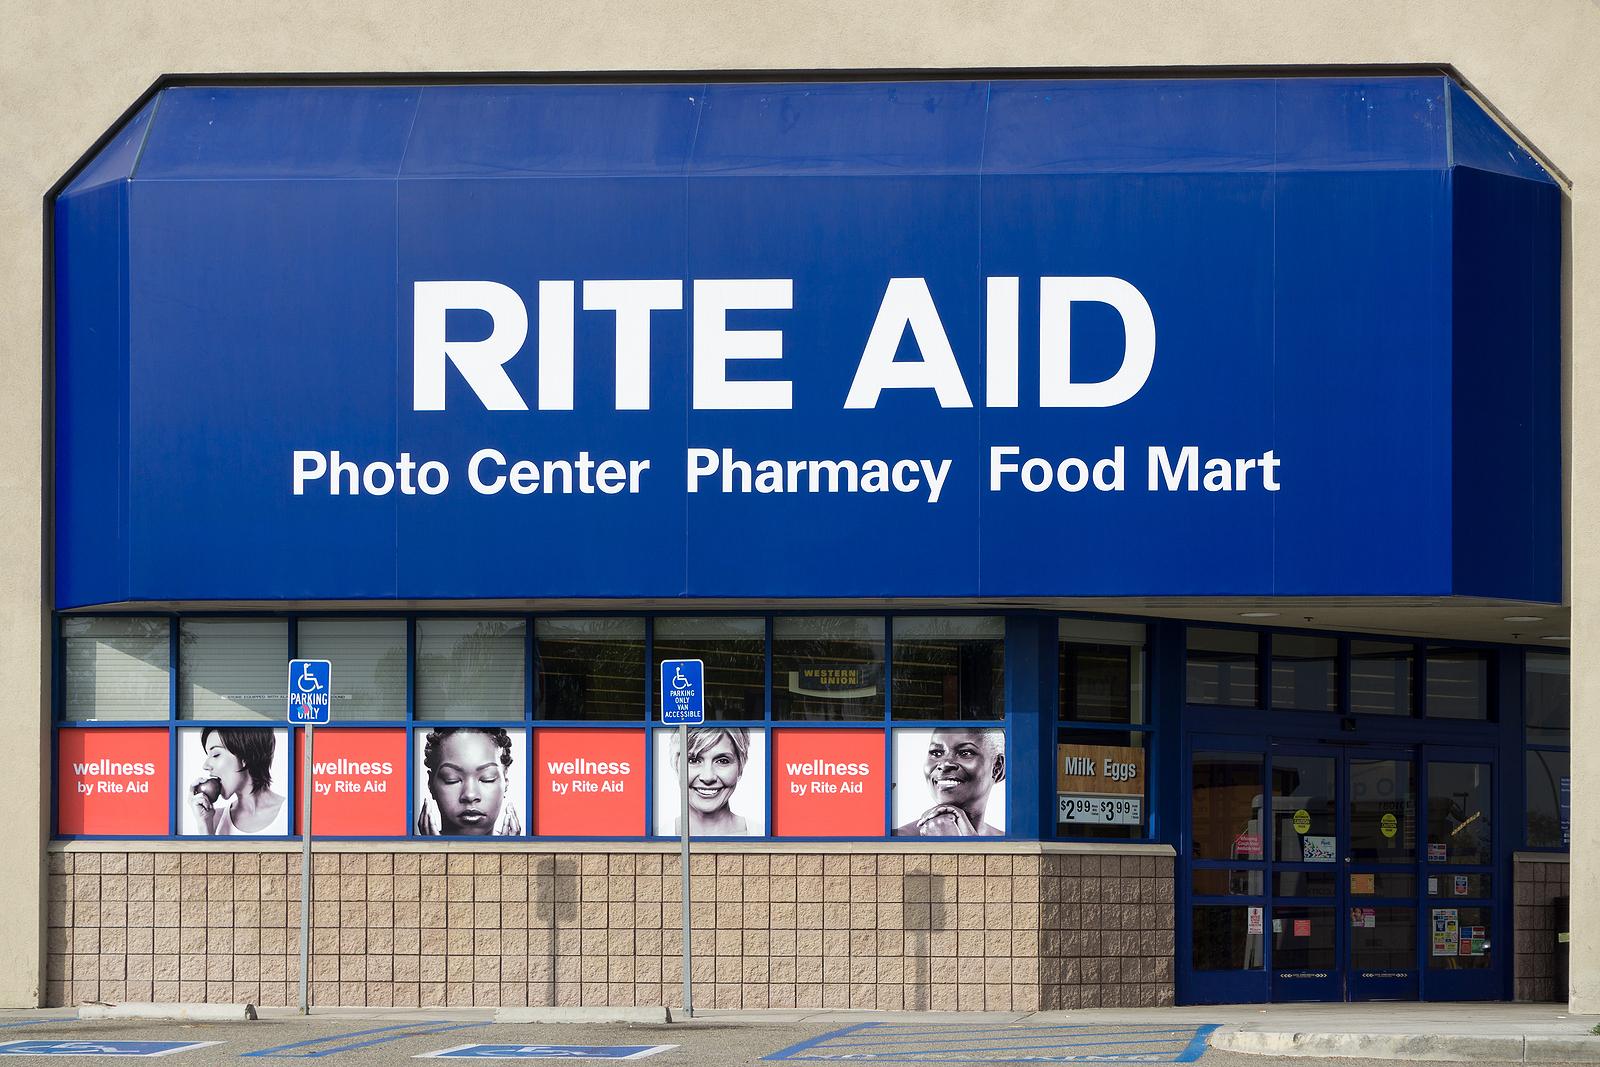 Rite Aid RAD stock news and analysis